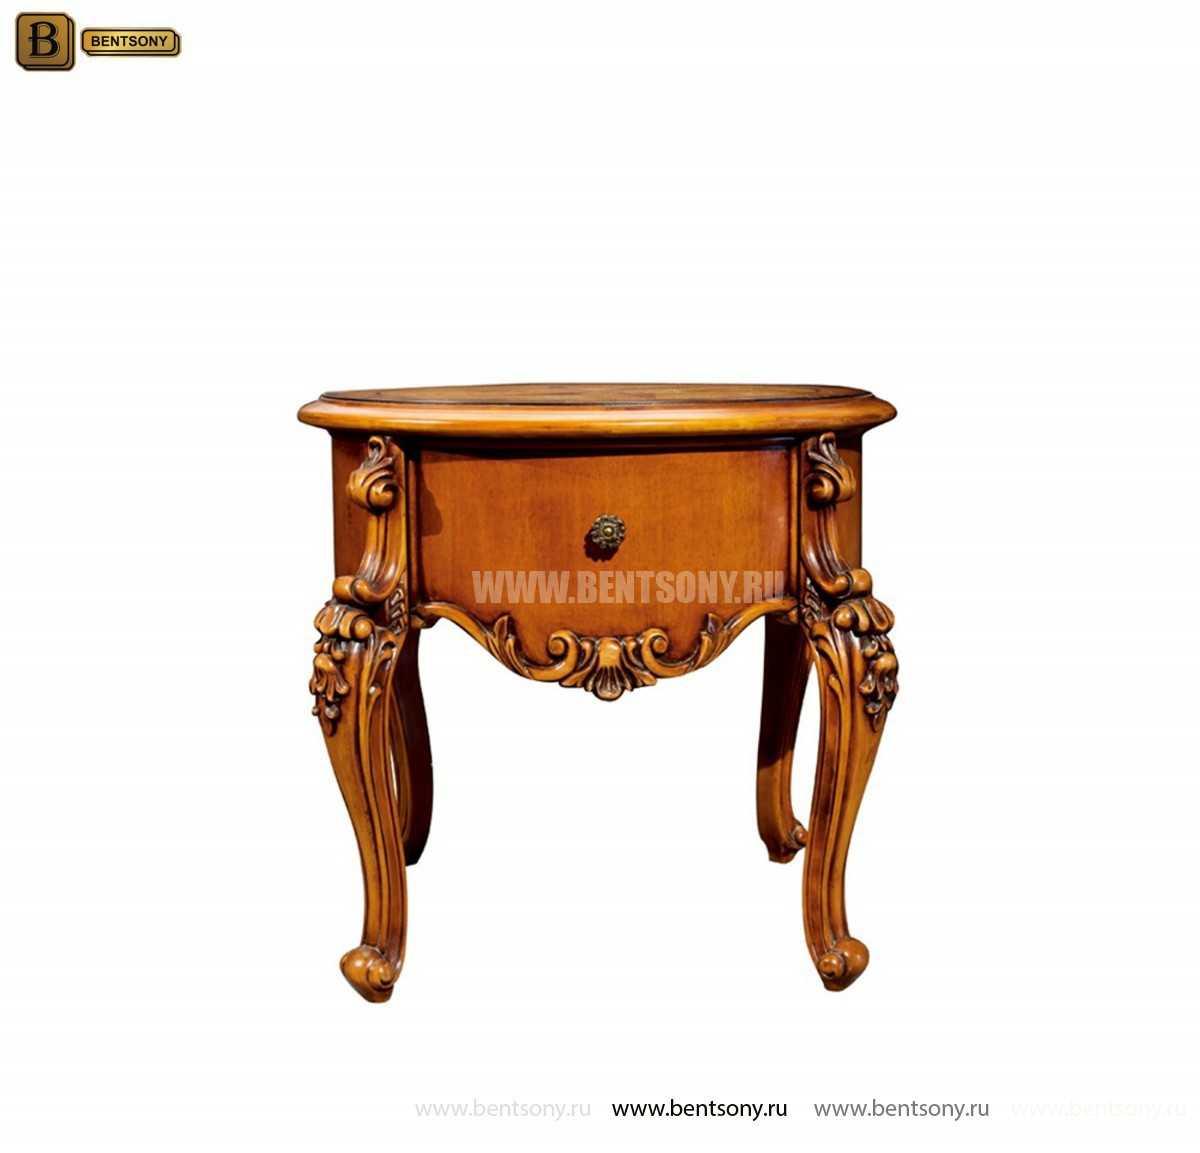 Чайный столик круглый Дакота (Классика, массив дерева) распродажа